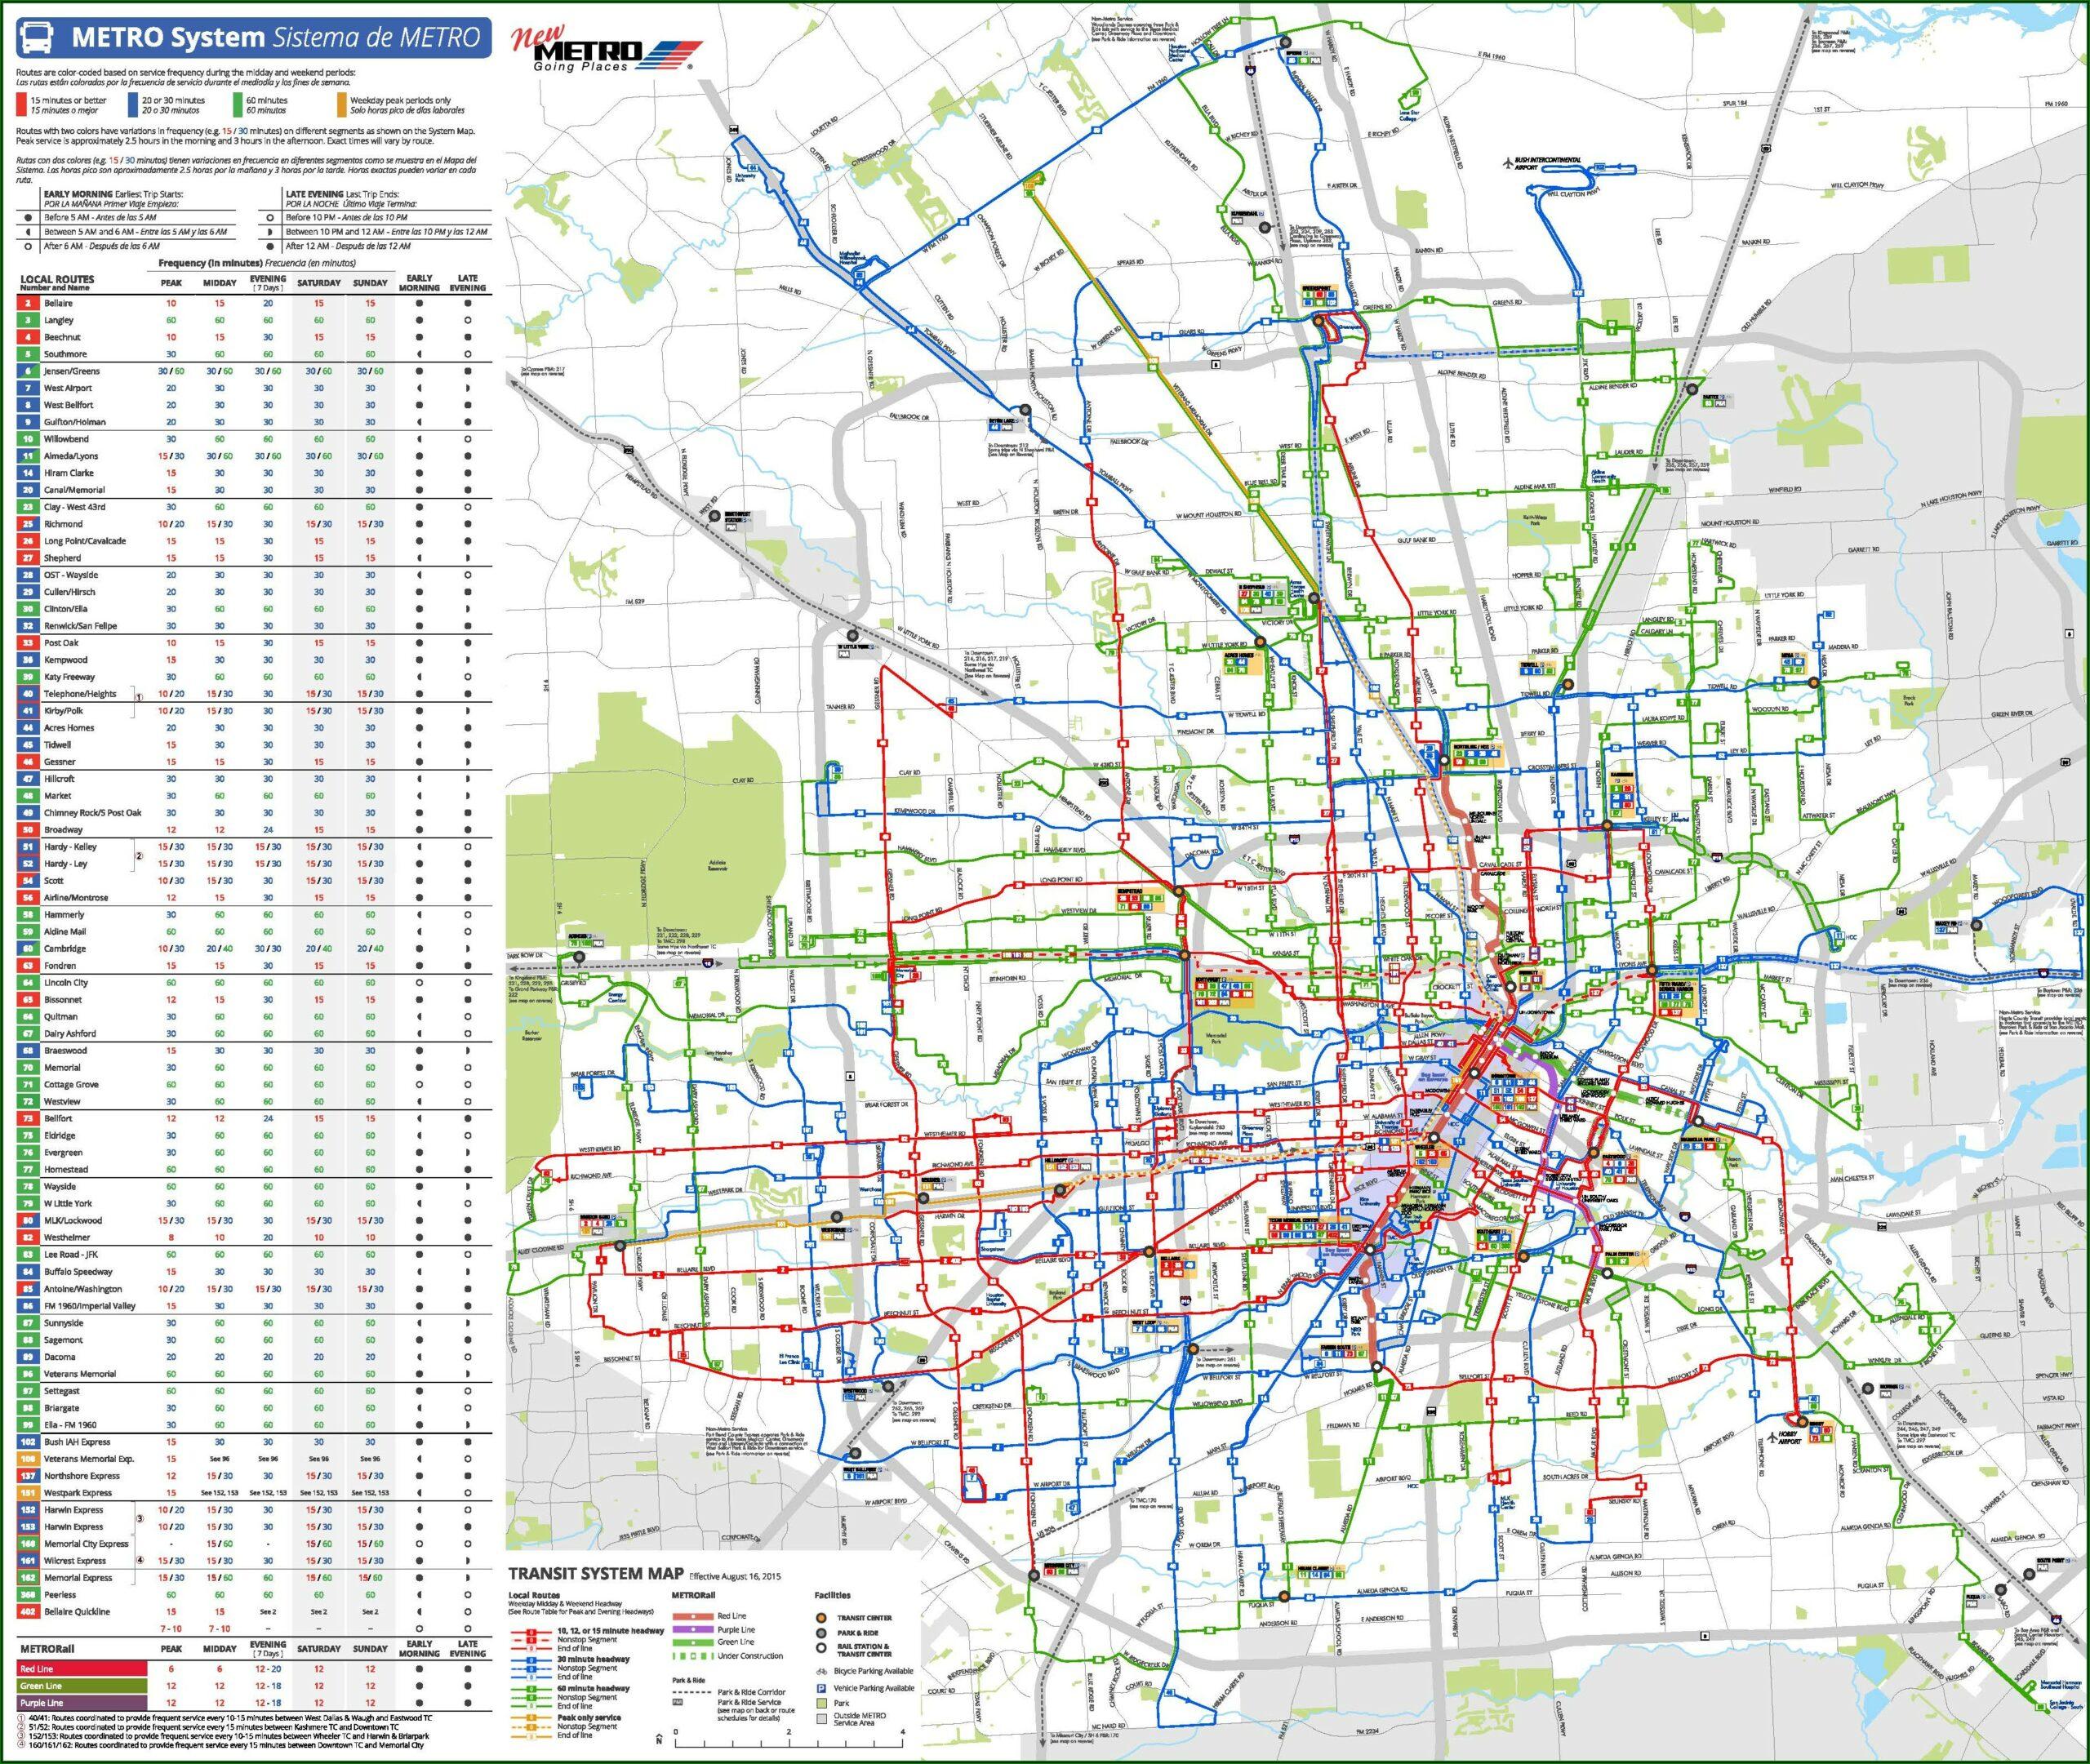 Vta Light Rail Map Pdf